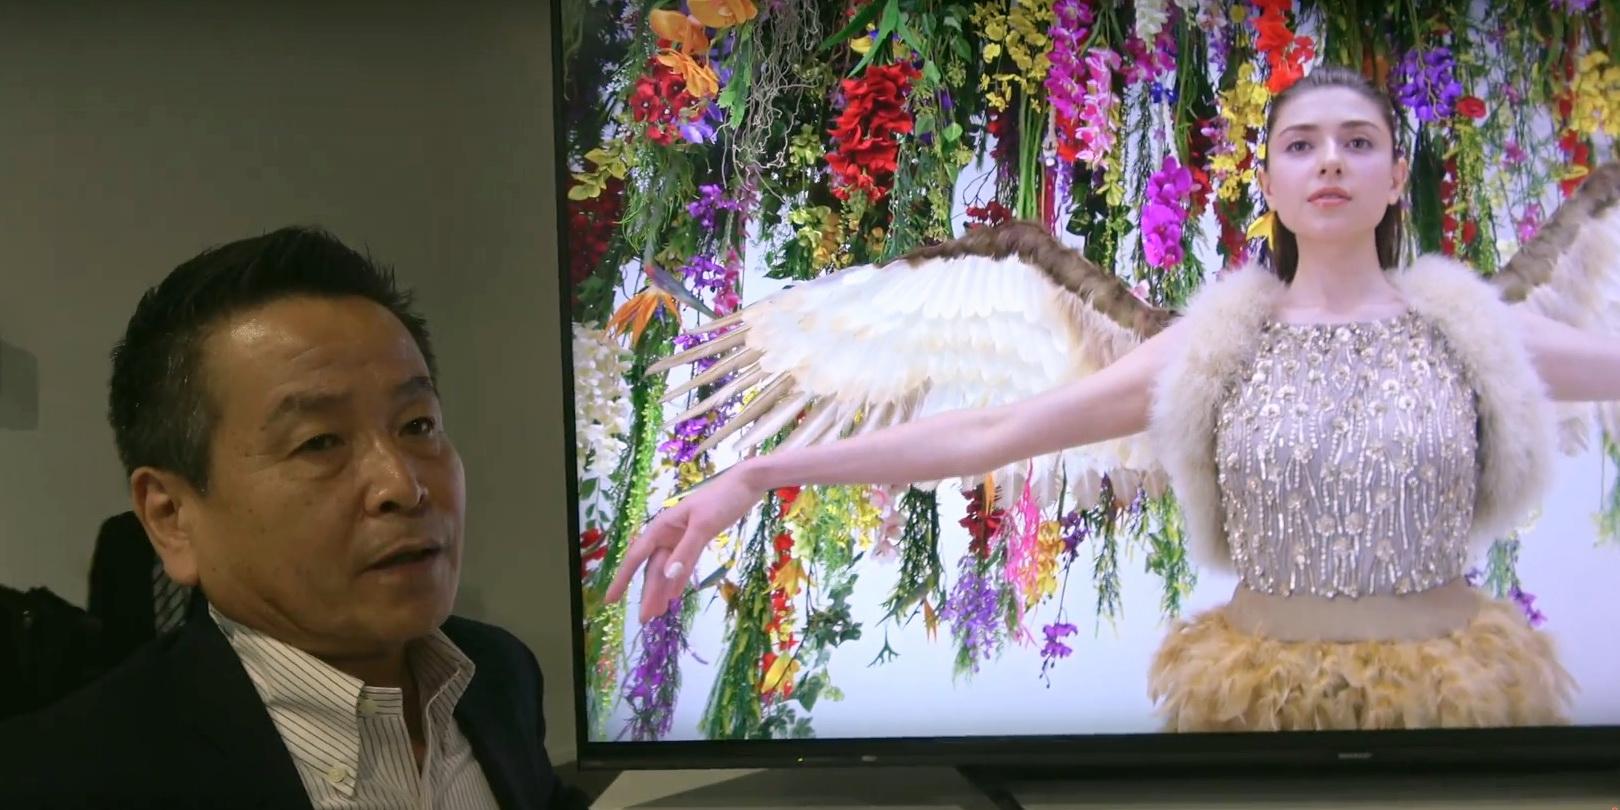 Sharp представив телевізор максимальної реальності (ВІДЕО)